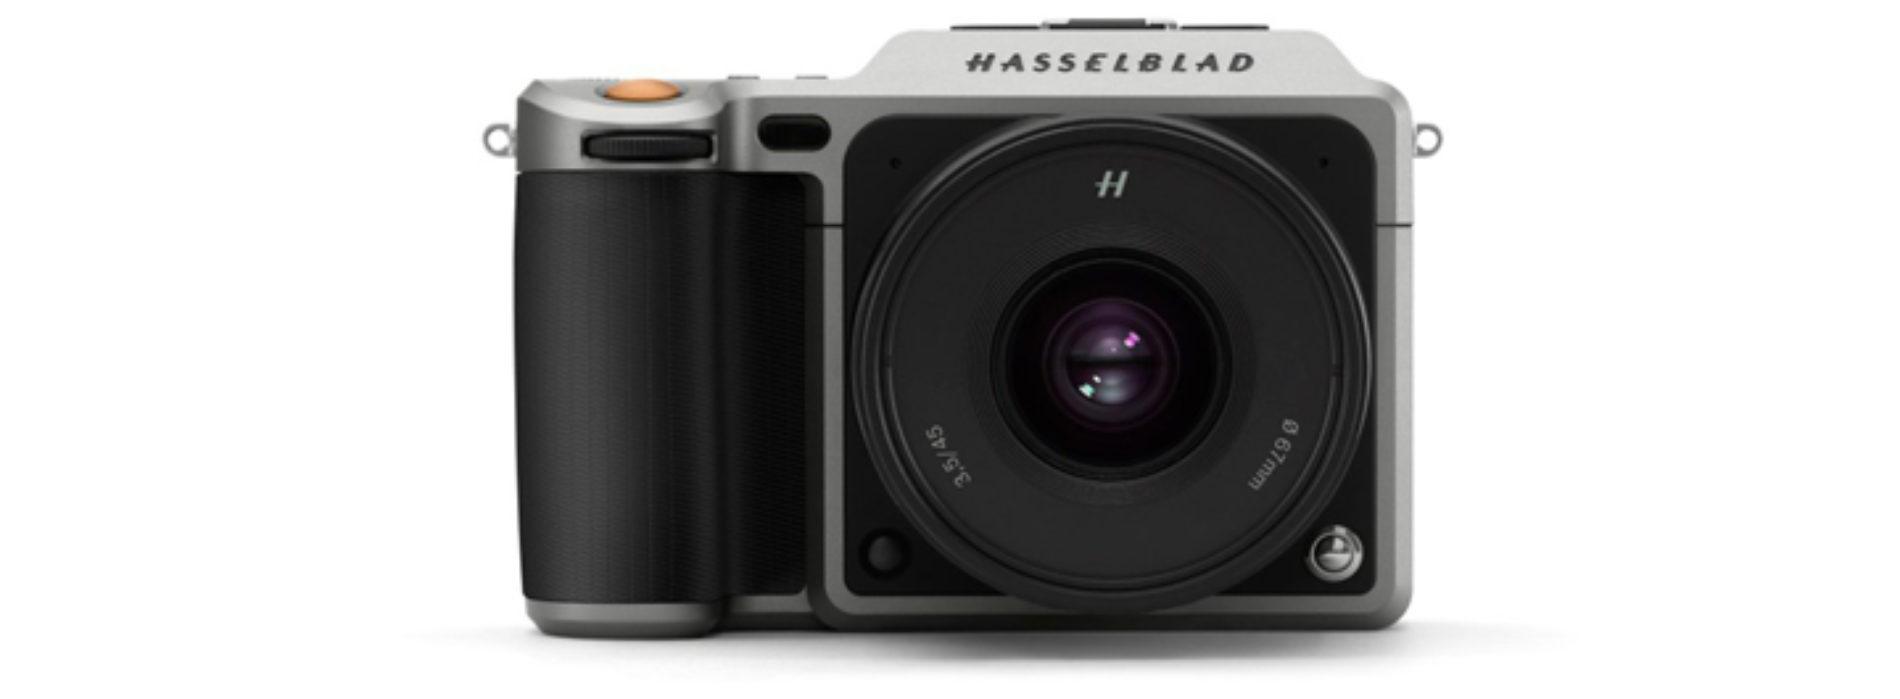 Ремонт зеркальных фотоаппаратов Hasselblad